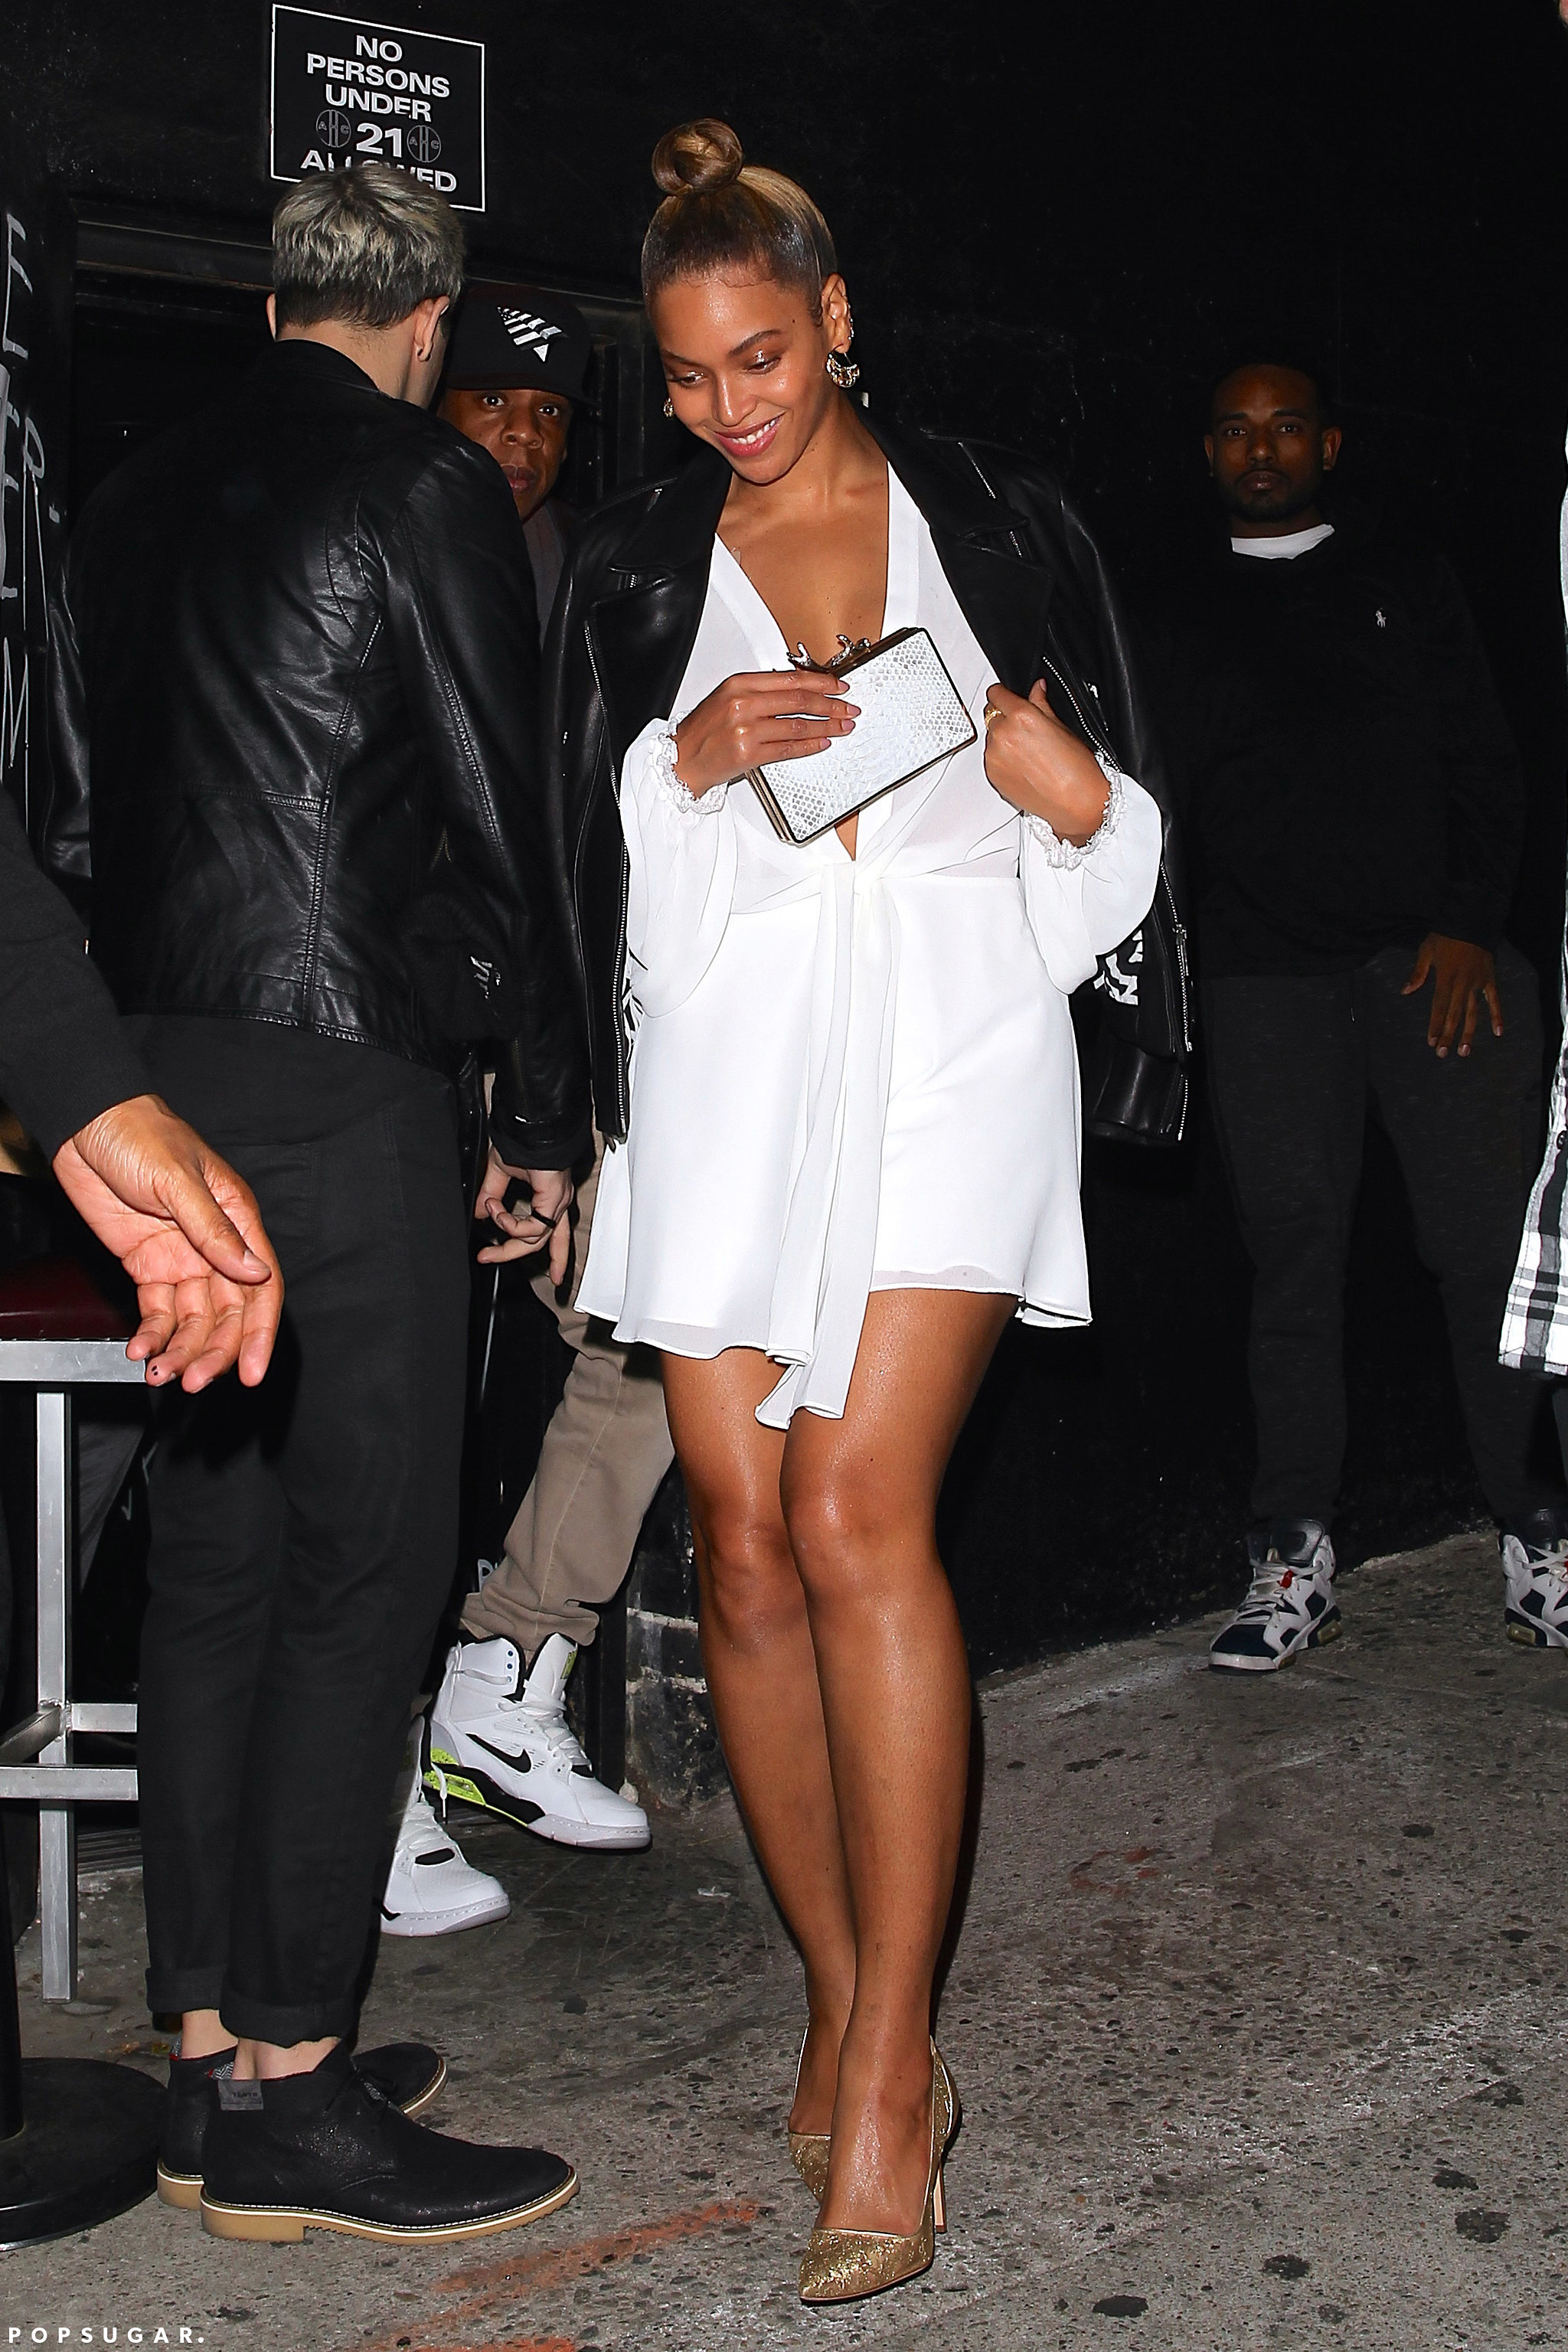 Beyoncé > Apariciones en público <Candids> [IV] - Página 2 Beyonce-Jay-Z-Out-LA-February-2016